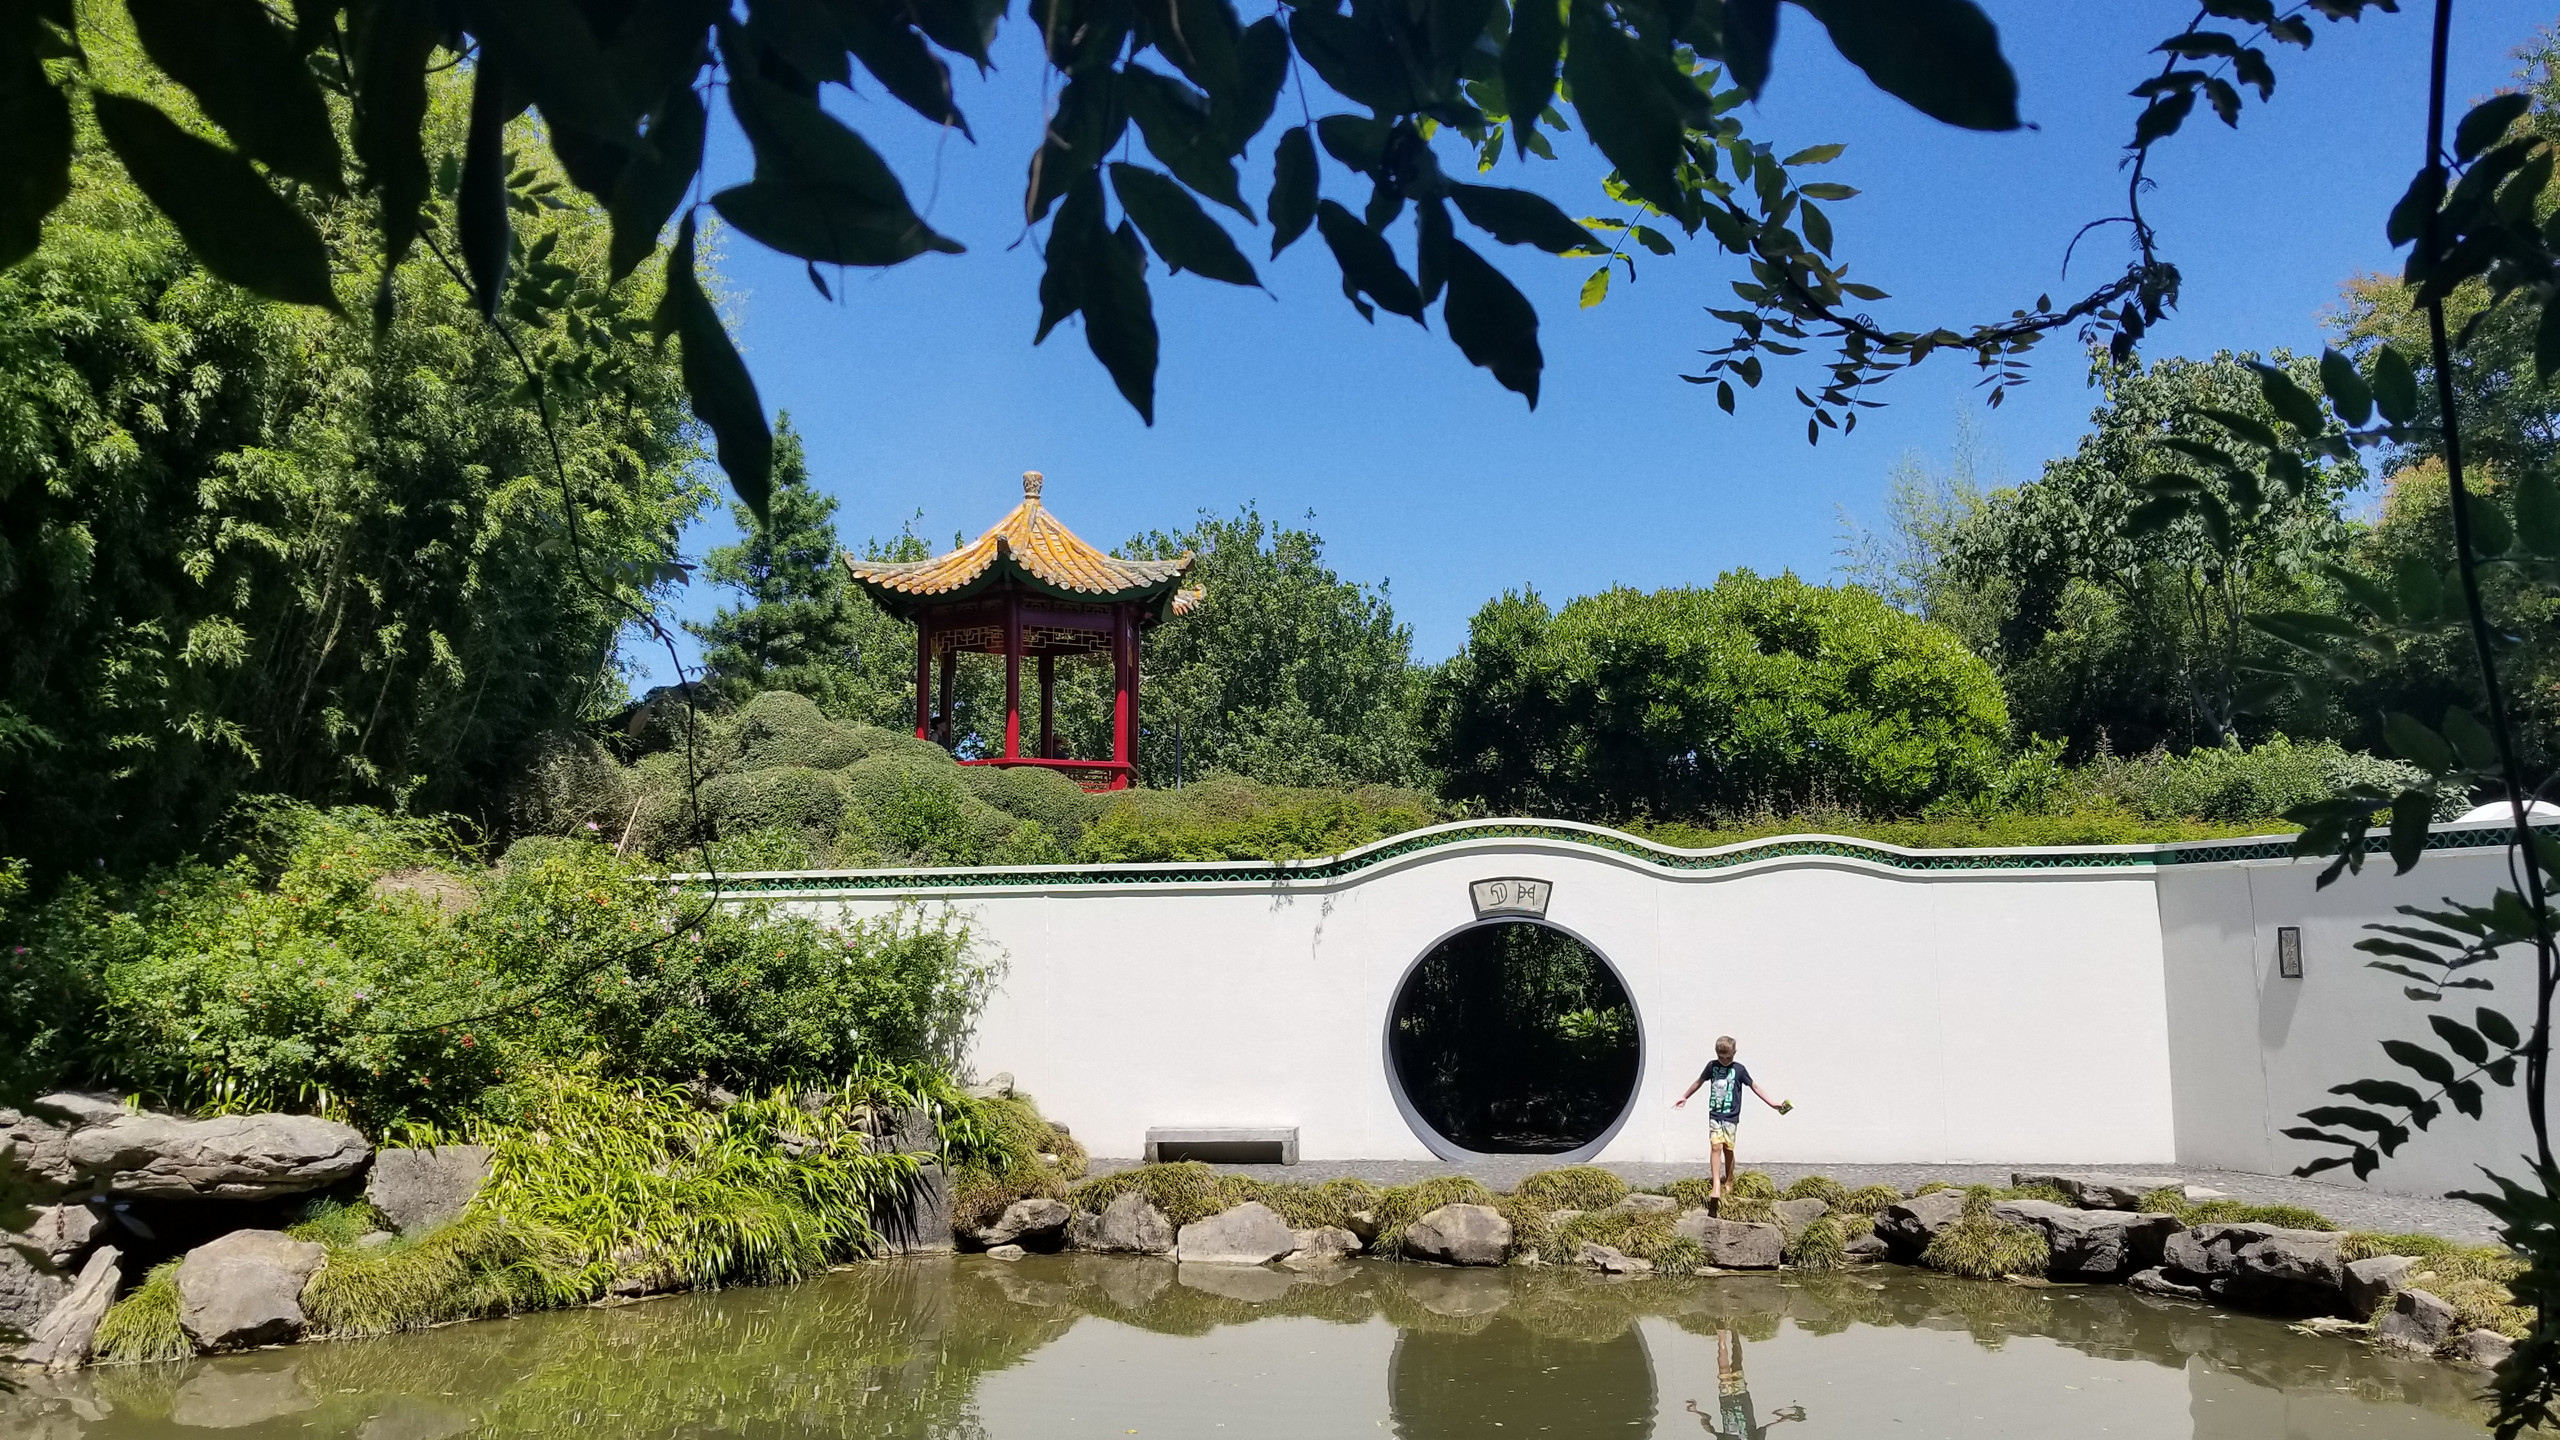 Hamilton botanic gardens, New Zealand attractions, New Zealand activities